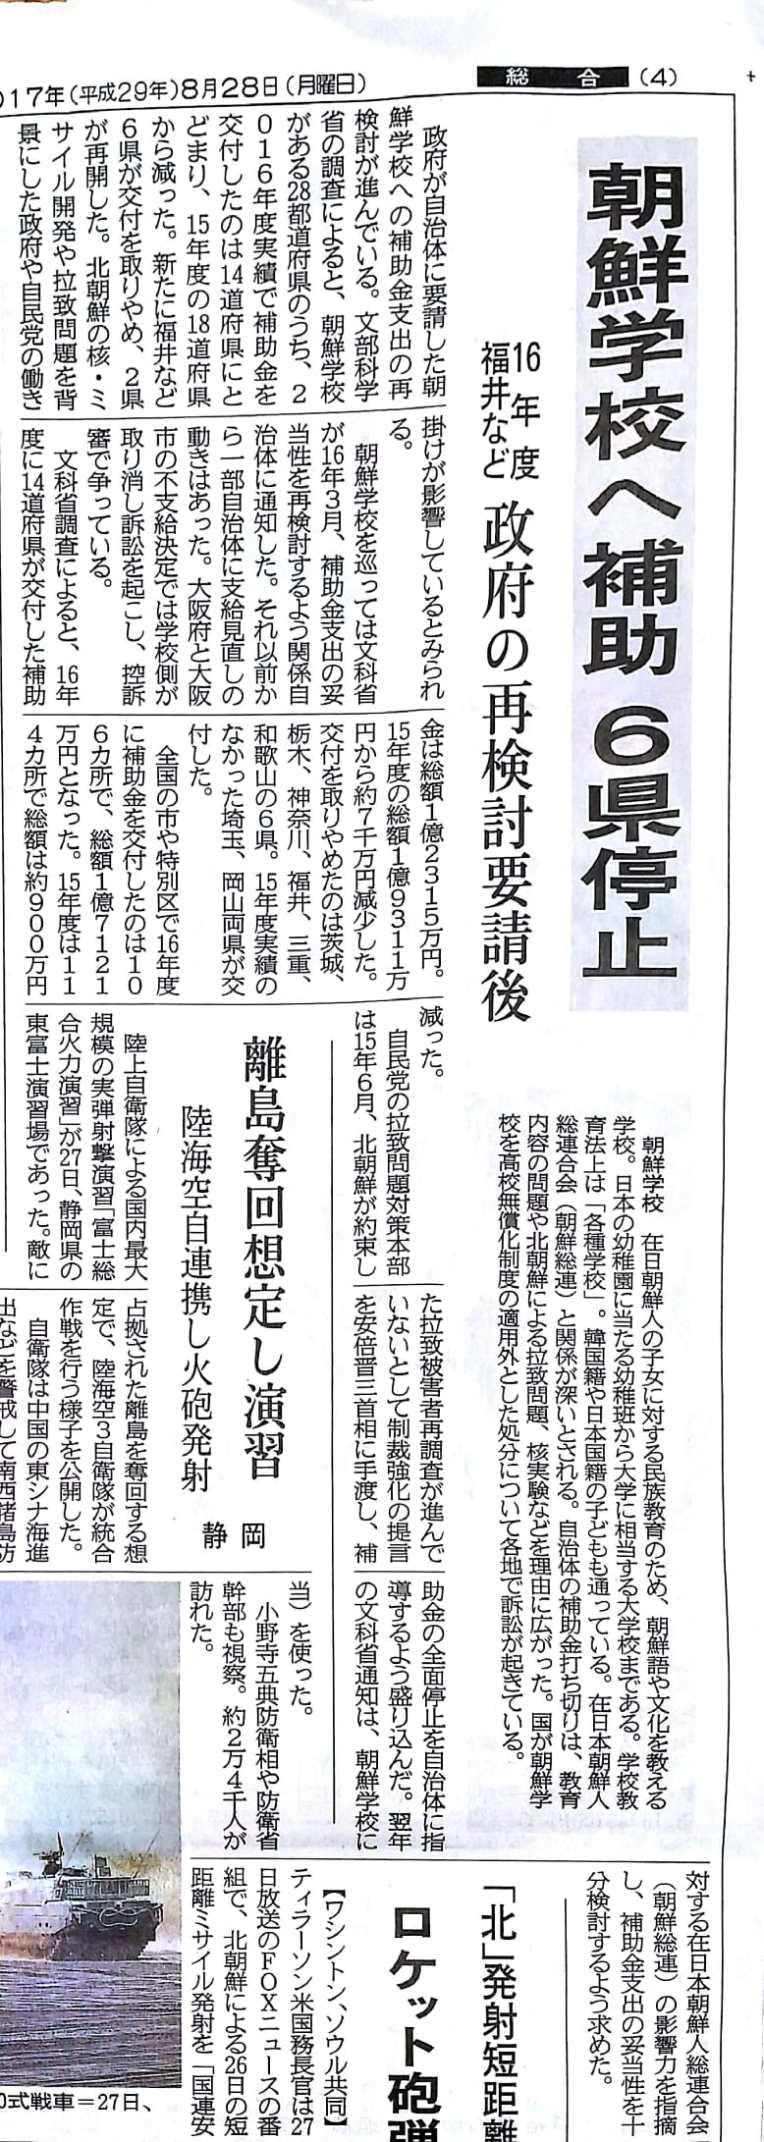 朝鮮学校補助金停止 2017-08-28_1